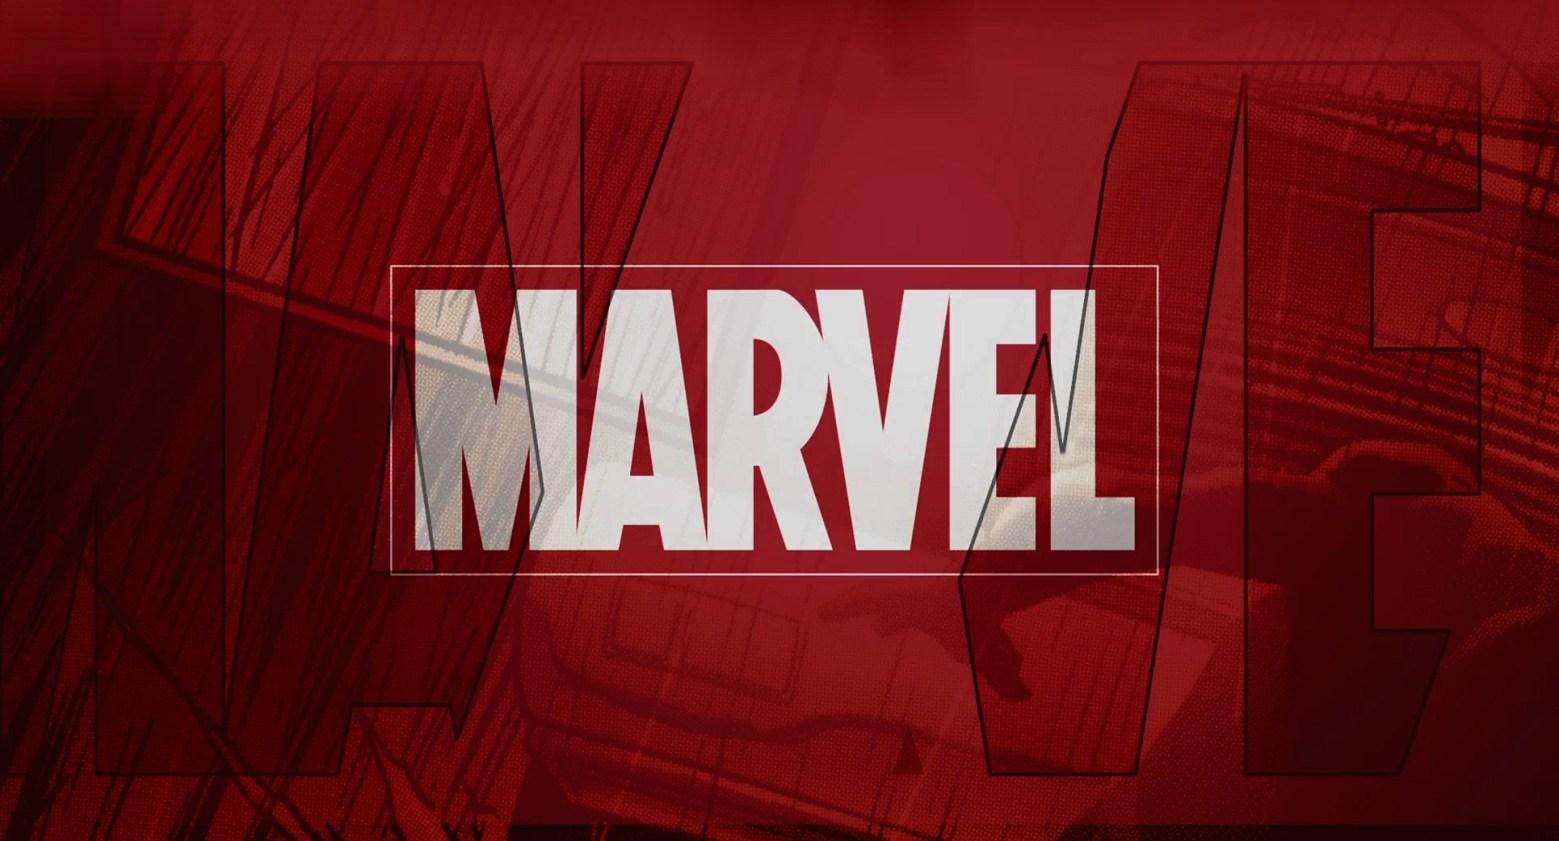 Au fost anunțate următoarele filme Marvel